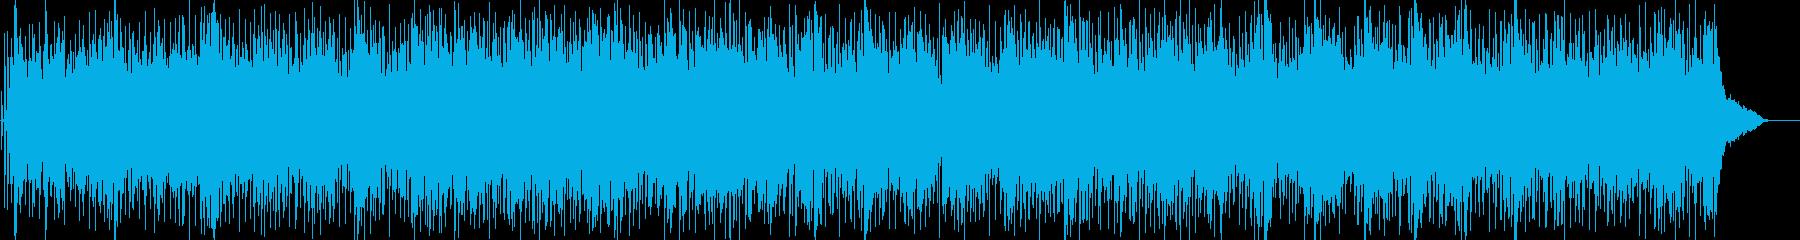 爽やかなアコギによる希望に満ちたBGMの再生済みの波形